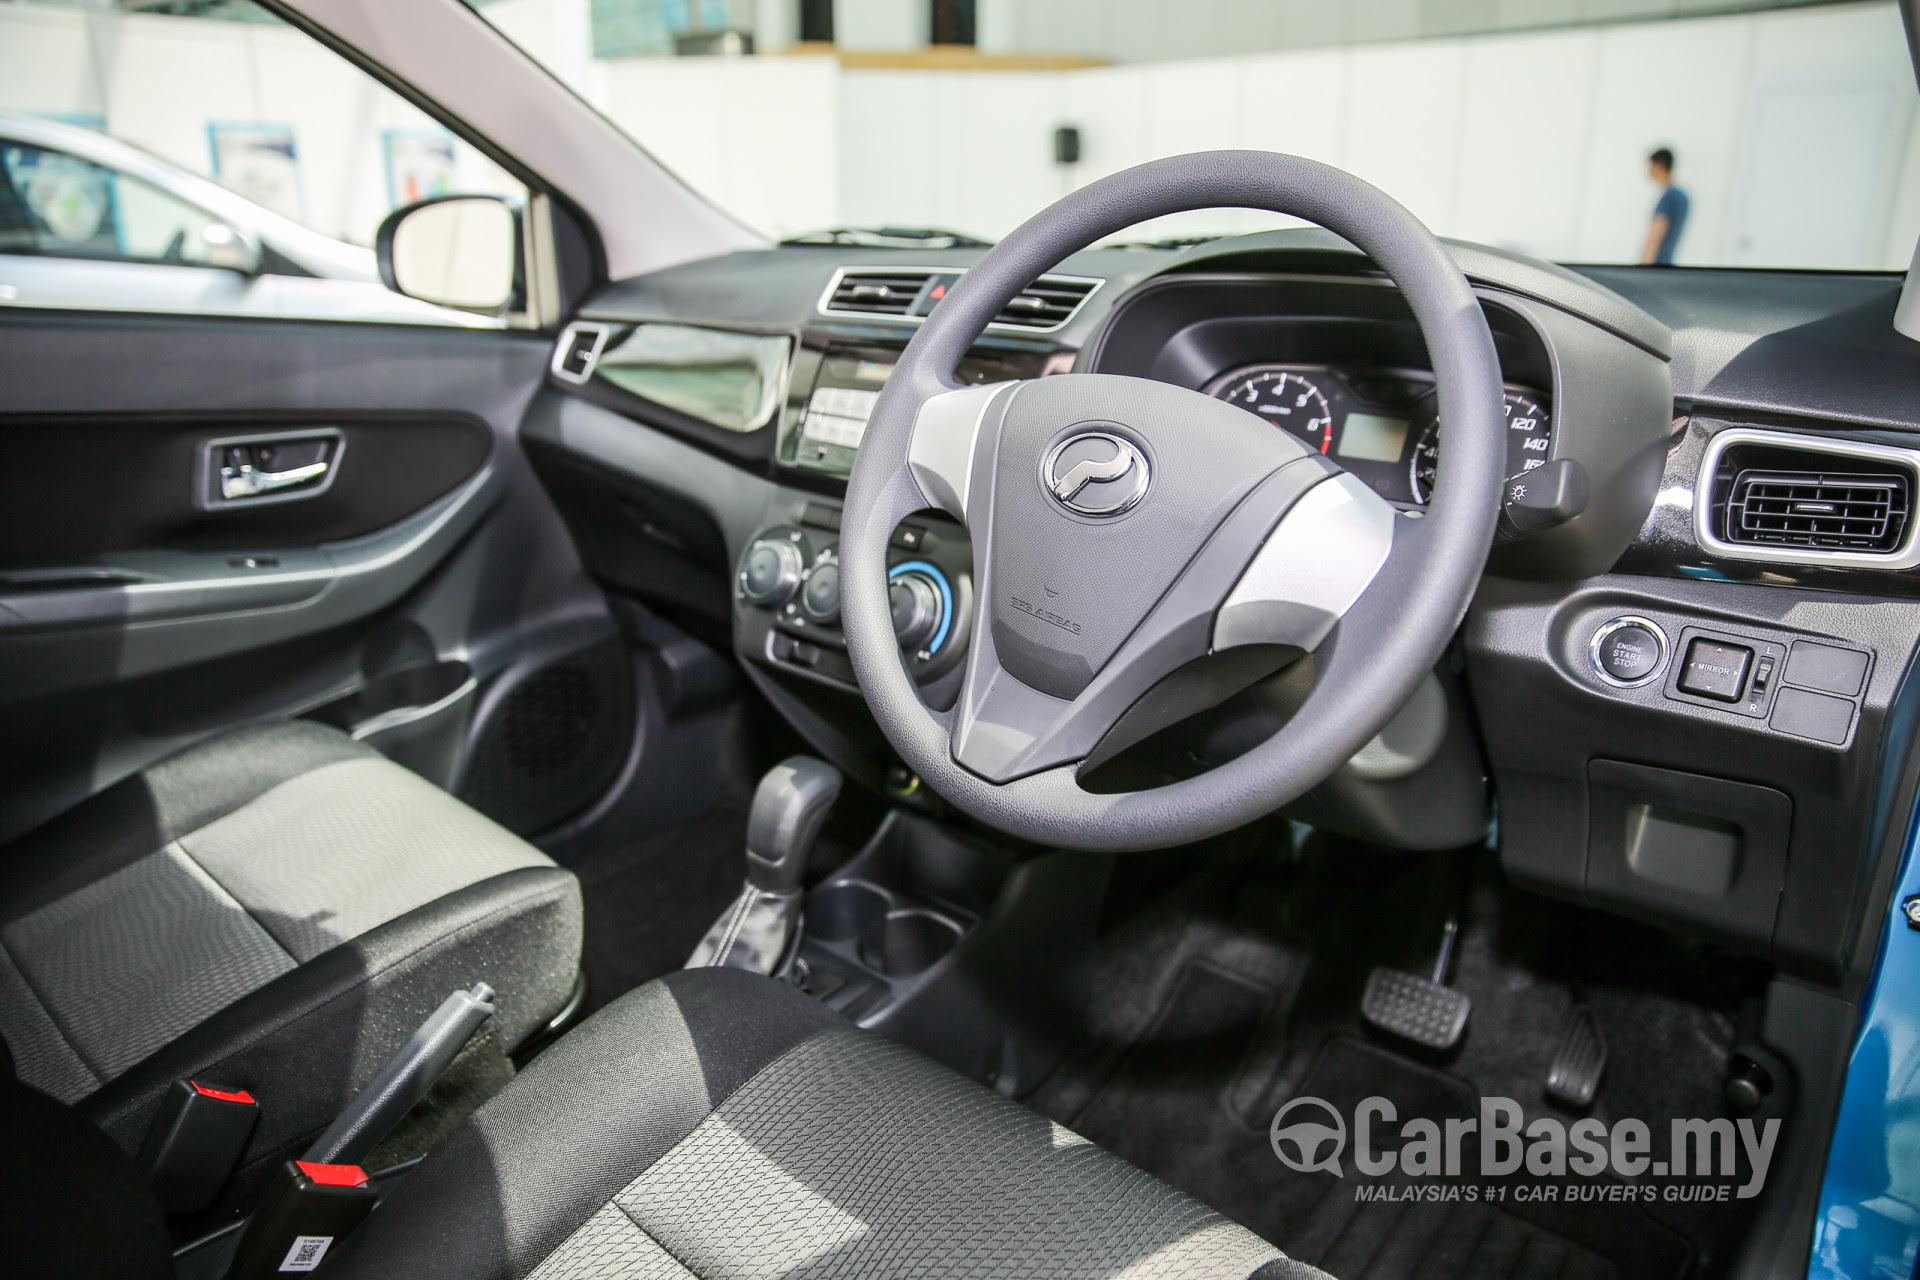 Perodua Bezza D63D (2016) Interior Image in Malaysia